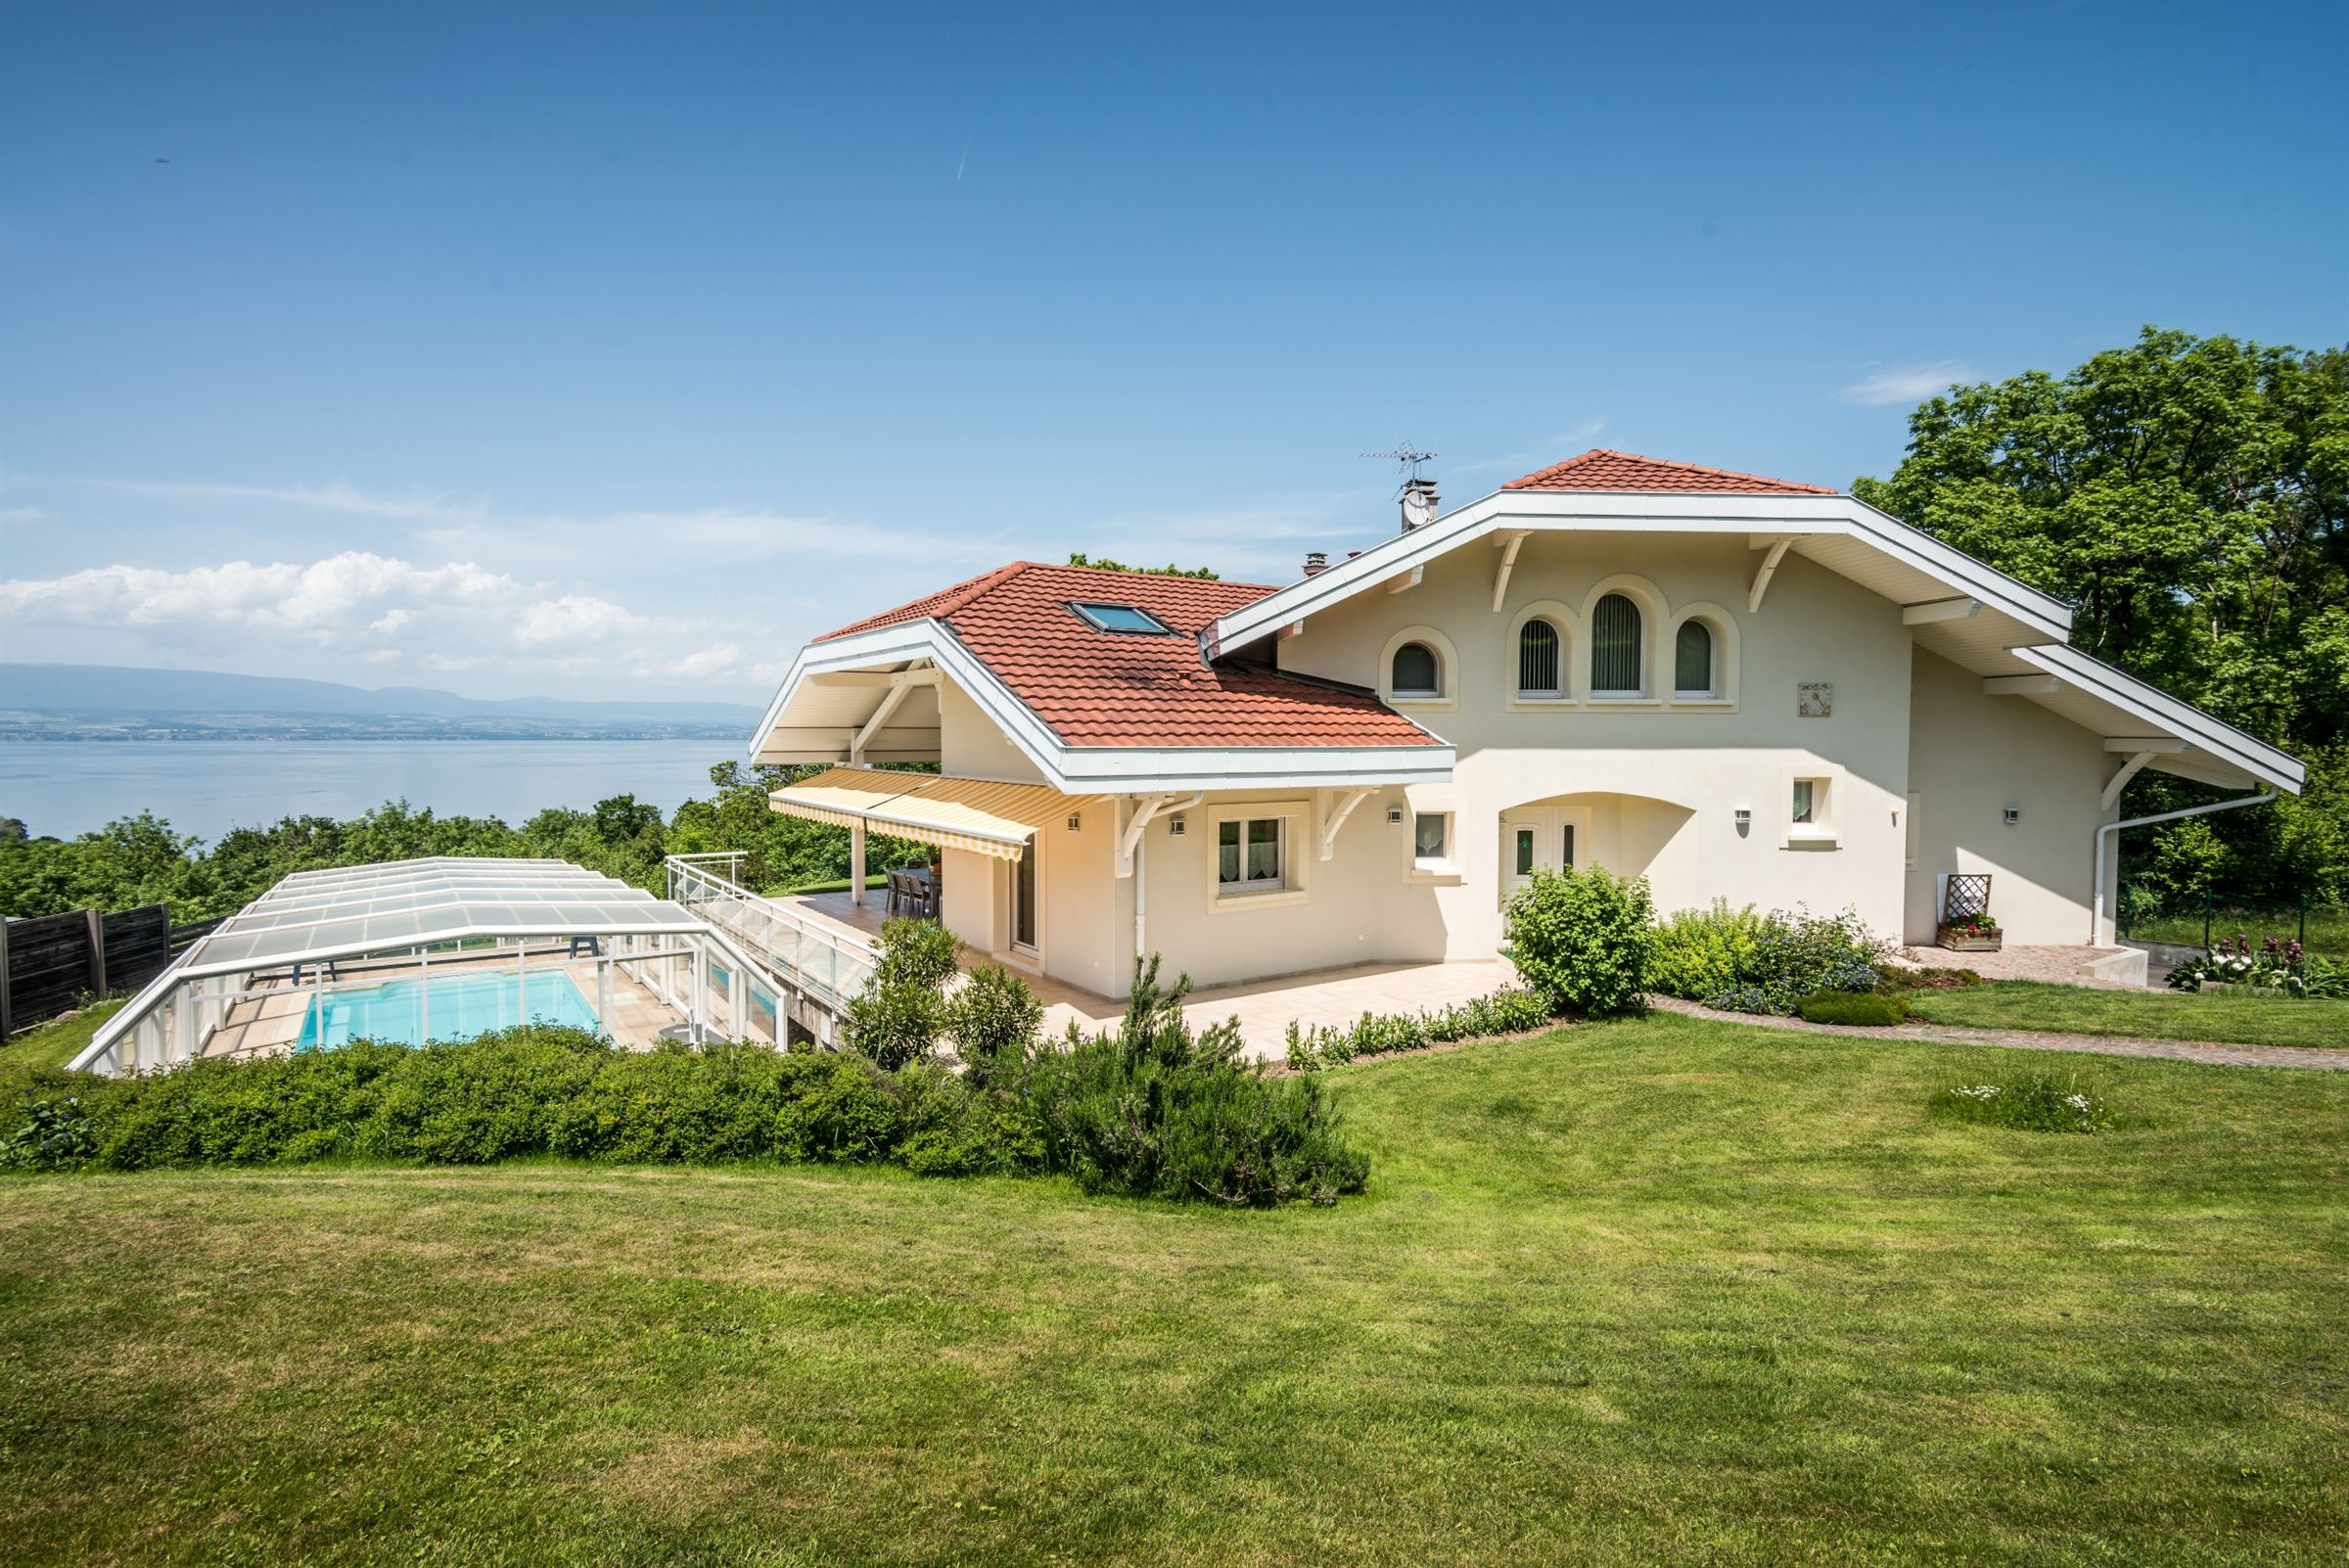 Nhà ở một gia đình vì Bán tại PUBLIER : NICE VILLA LAKE VIEW Publier, Rhone-Alpes, 74500 Pháp